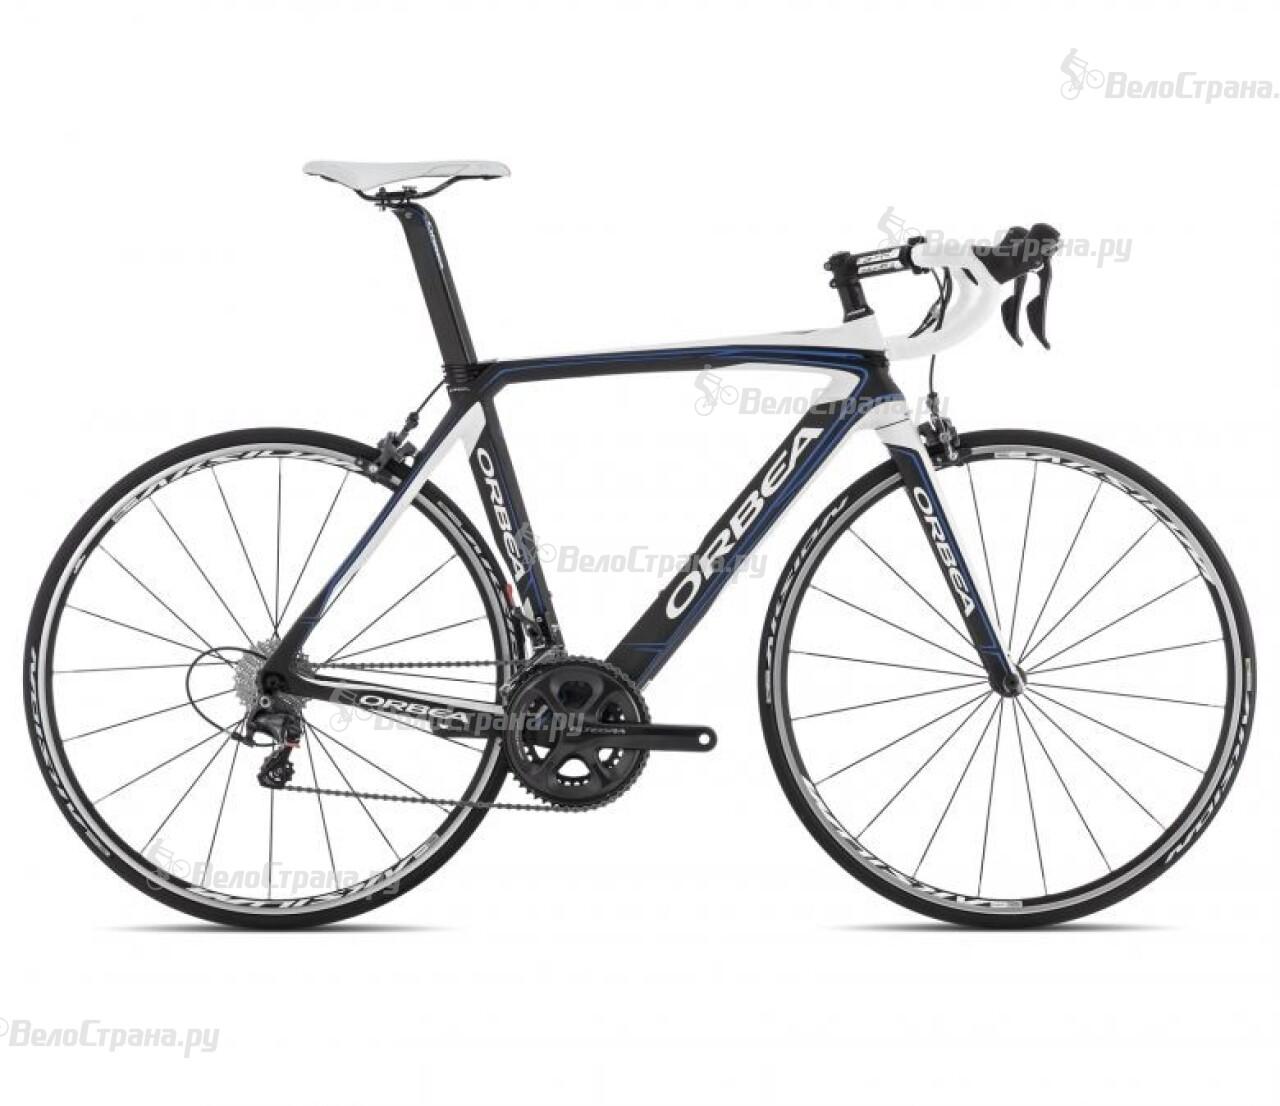 Велосипед Orbea Orca M50 (2014) велосипед orbea orca dama gth 2013